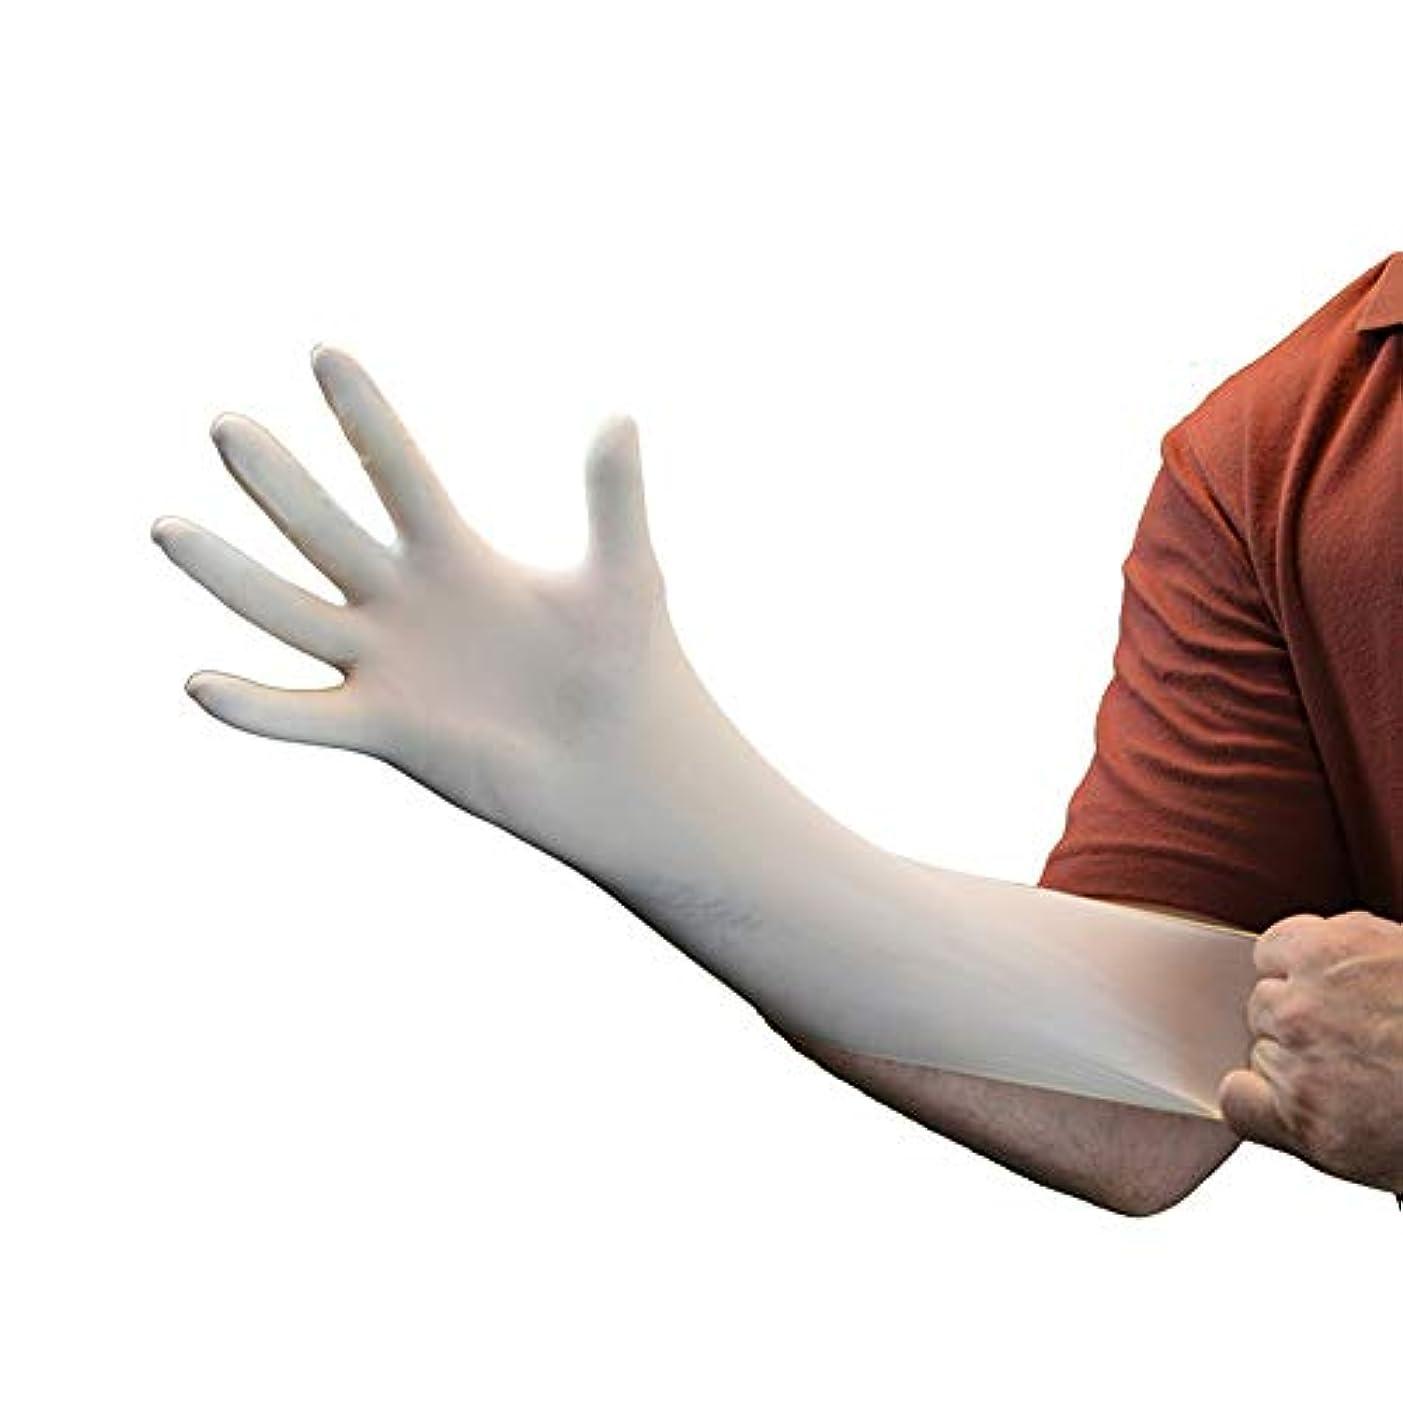 せっかちコンプライアンス告白使い捨てラテックス手袋 - パウダーフリーの歯科技工所労働保護製品をマッサージ YANW (Color : White, Size : XS)